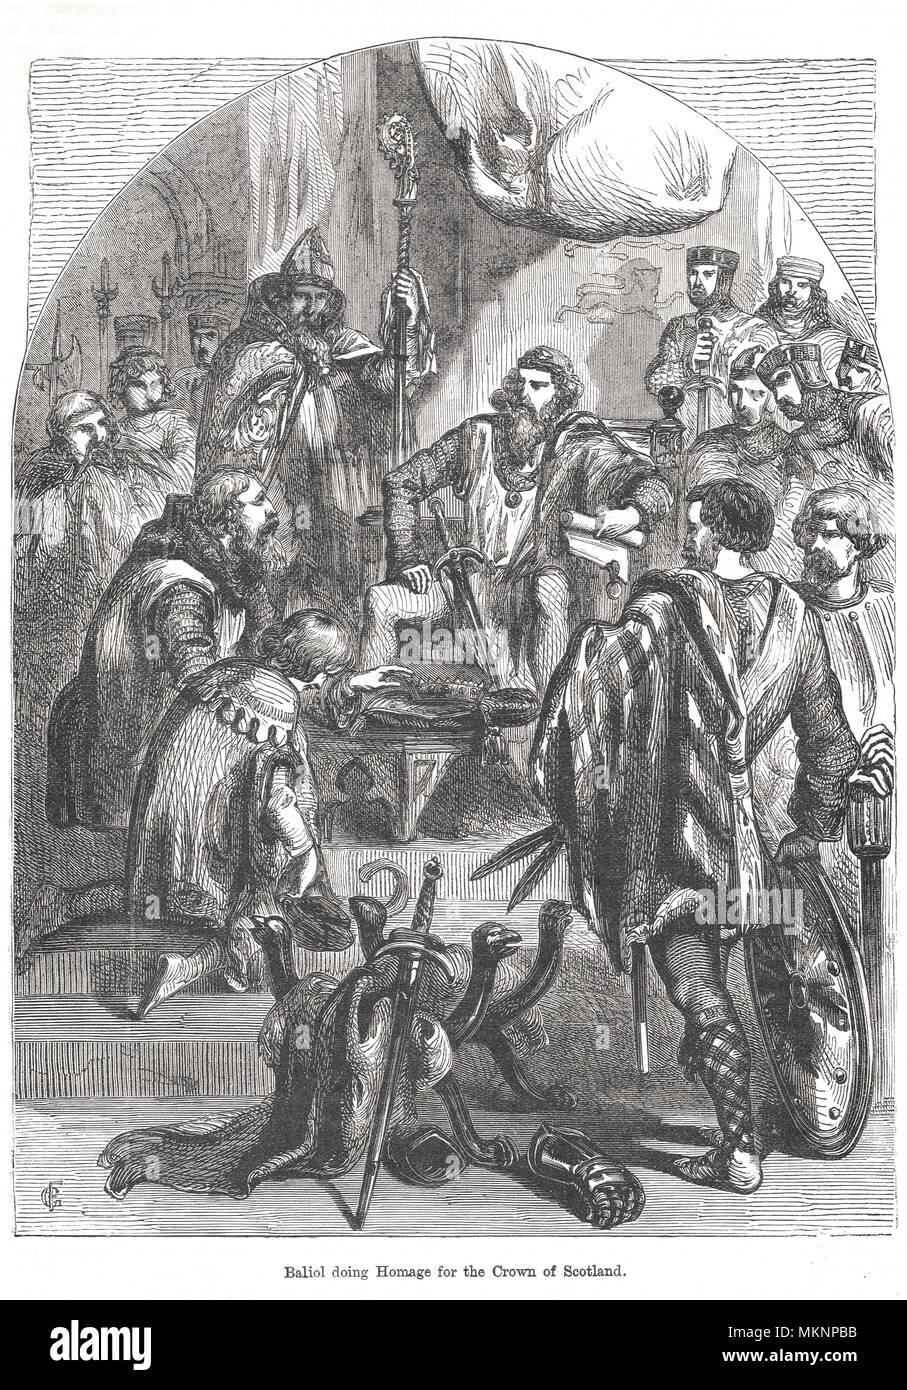 John Balliol, King of Scots, doing homage to Edward I of England - Stock Image